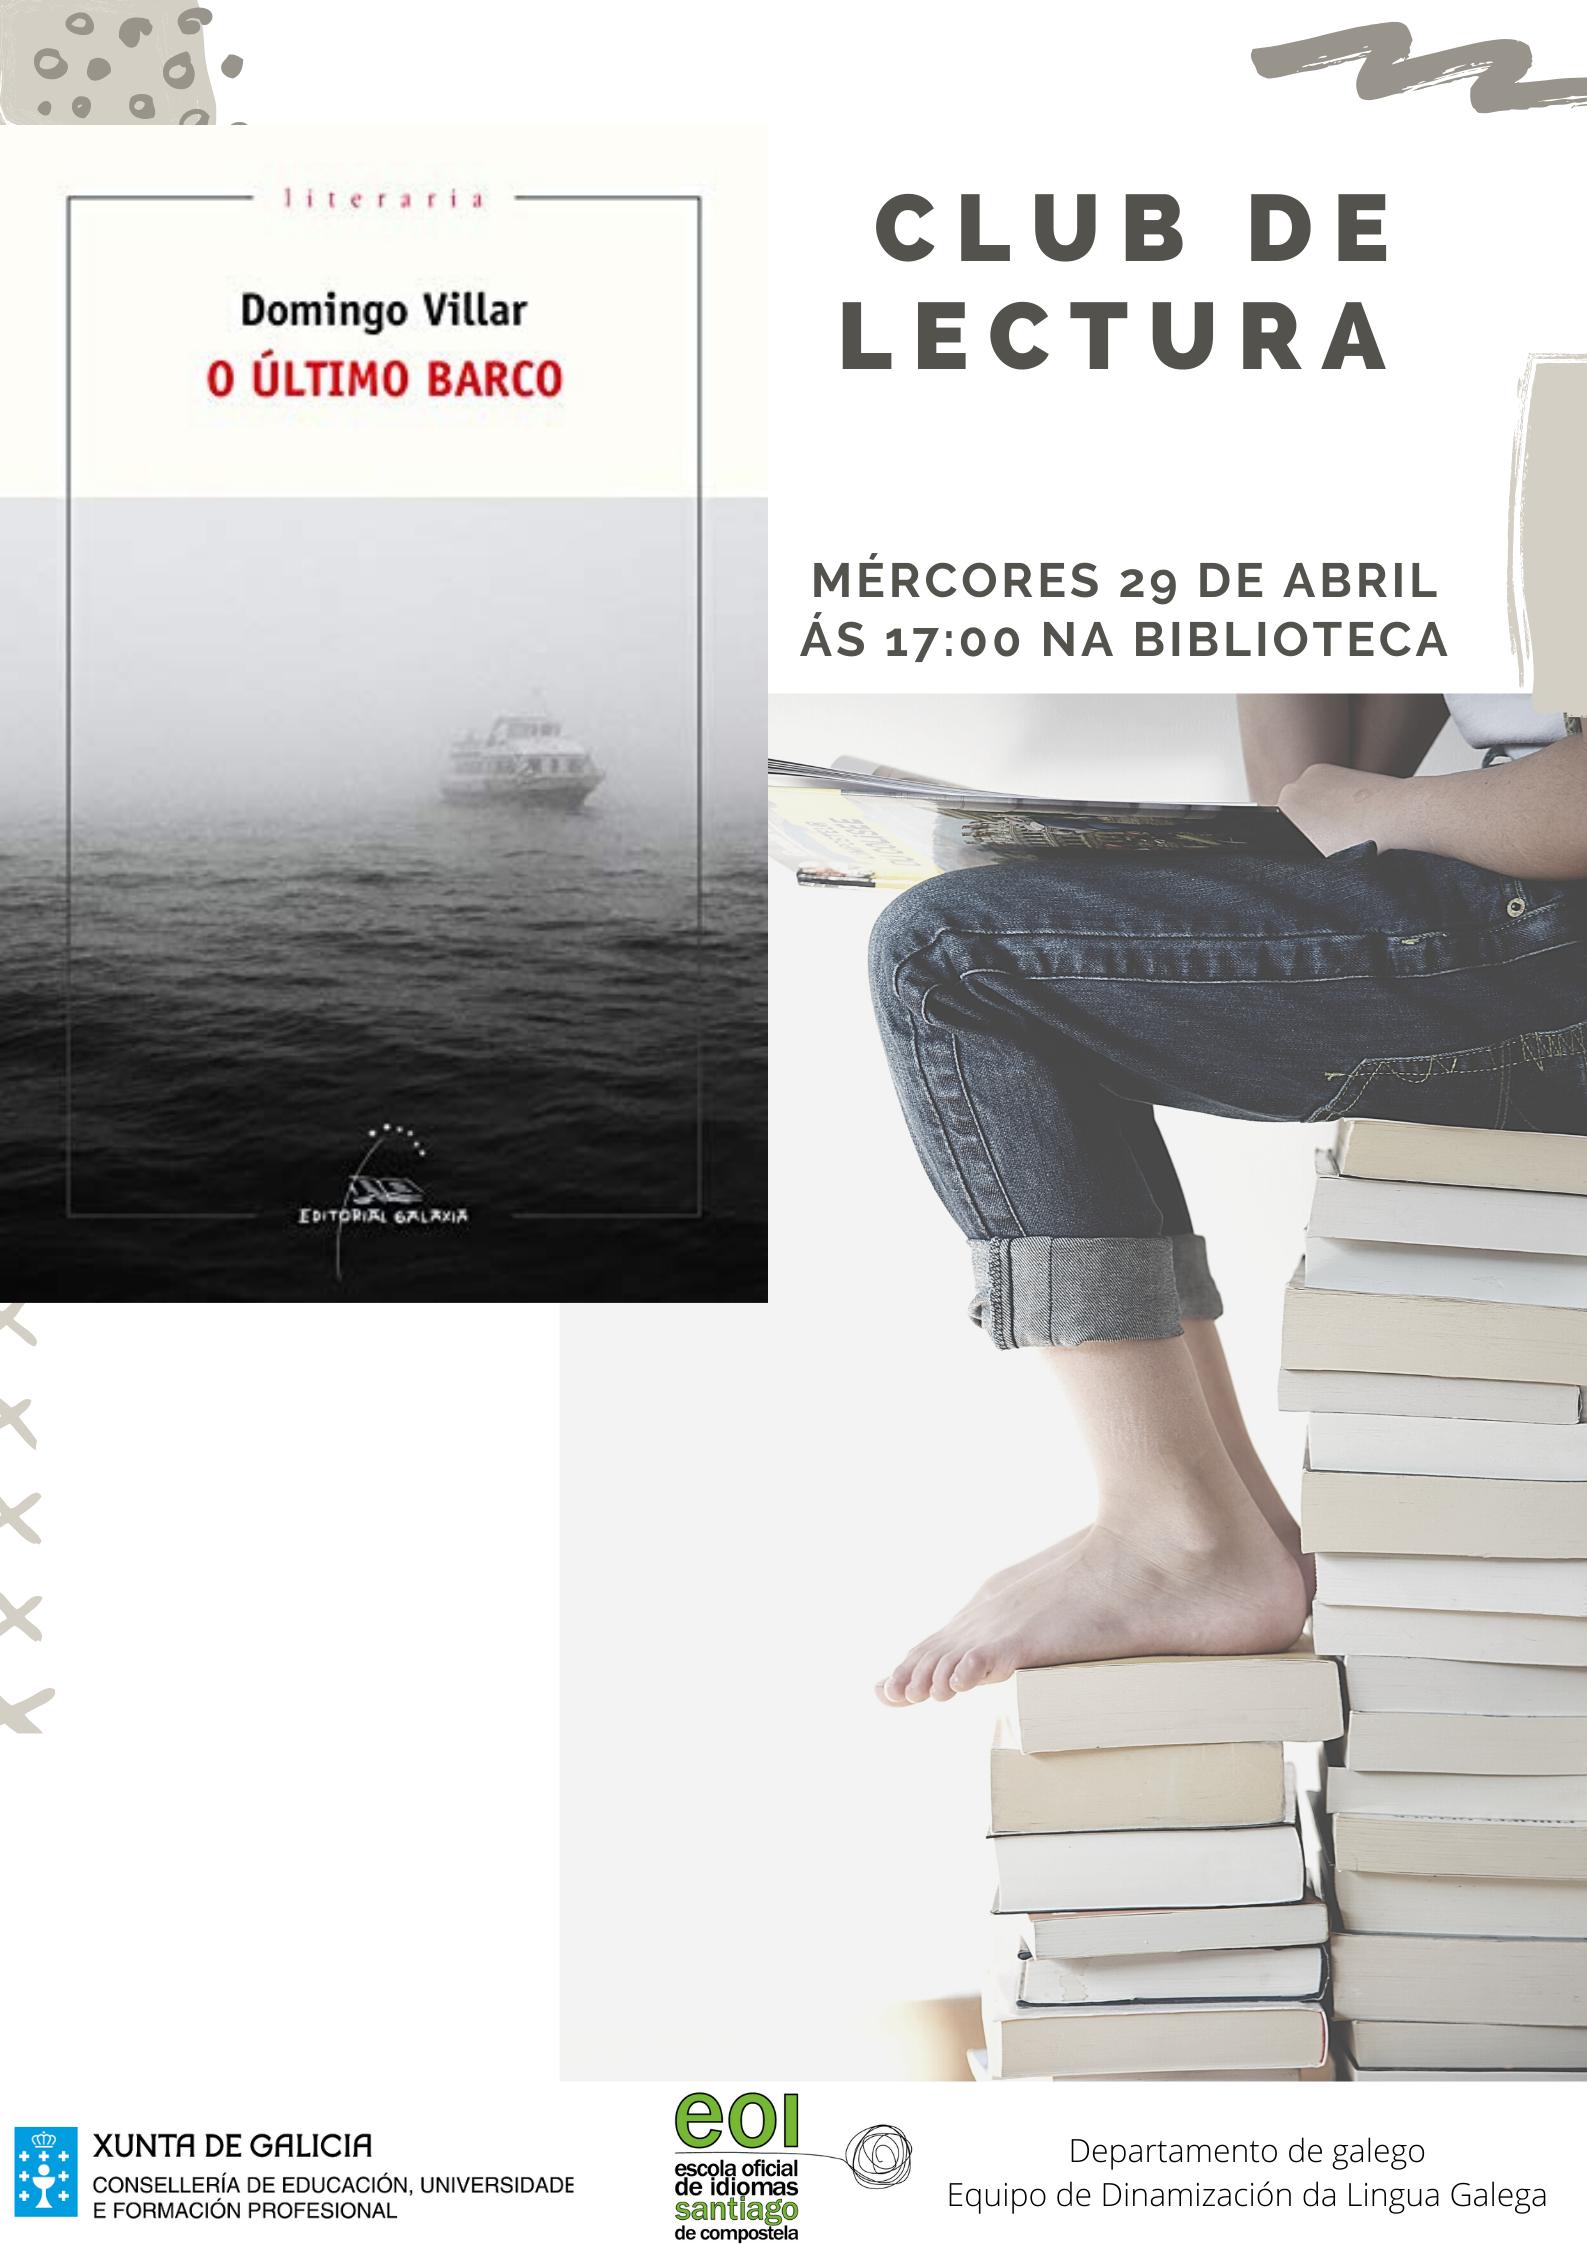 Club de lectura de galego